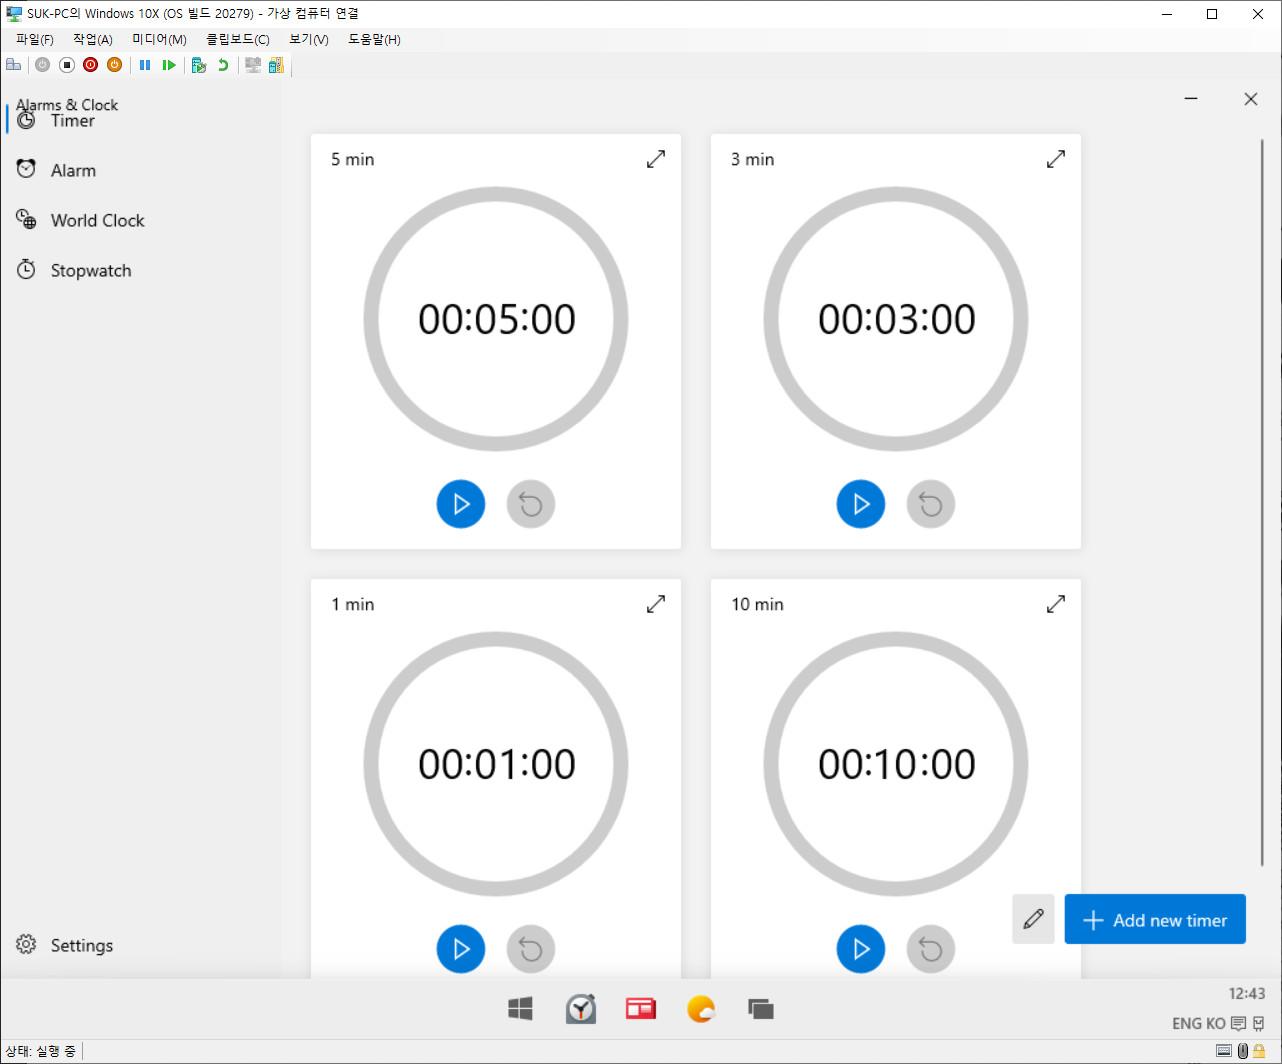 Windows 10X 인사이더 프리뷰 20279 빌드 Flash.vhdx 2021-01-15일자를 Hyper-V에 설치 테스트 - 앱들 2021-05-04_044318.jpg